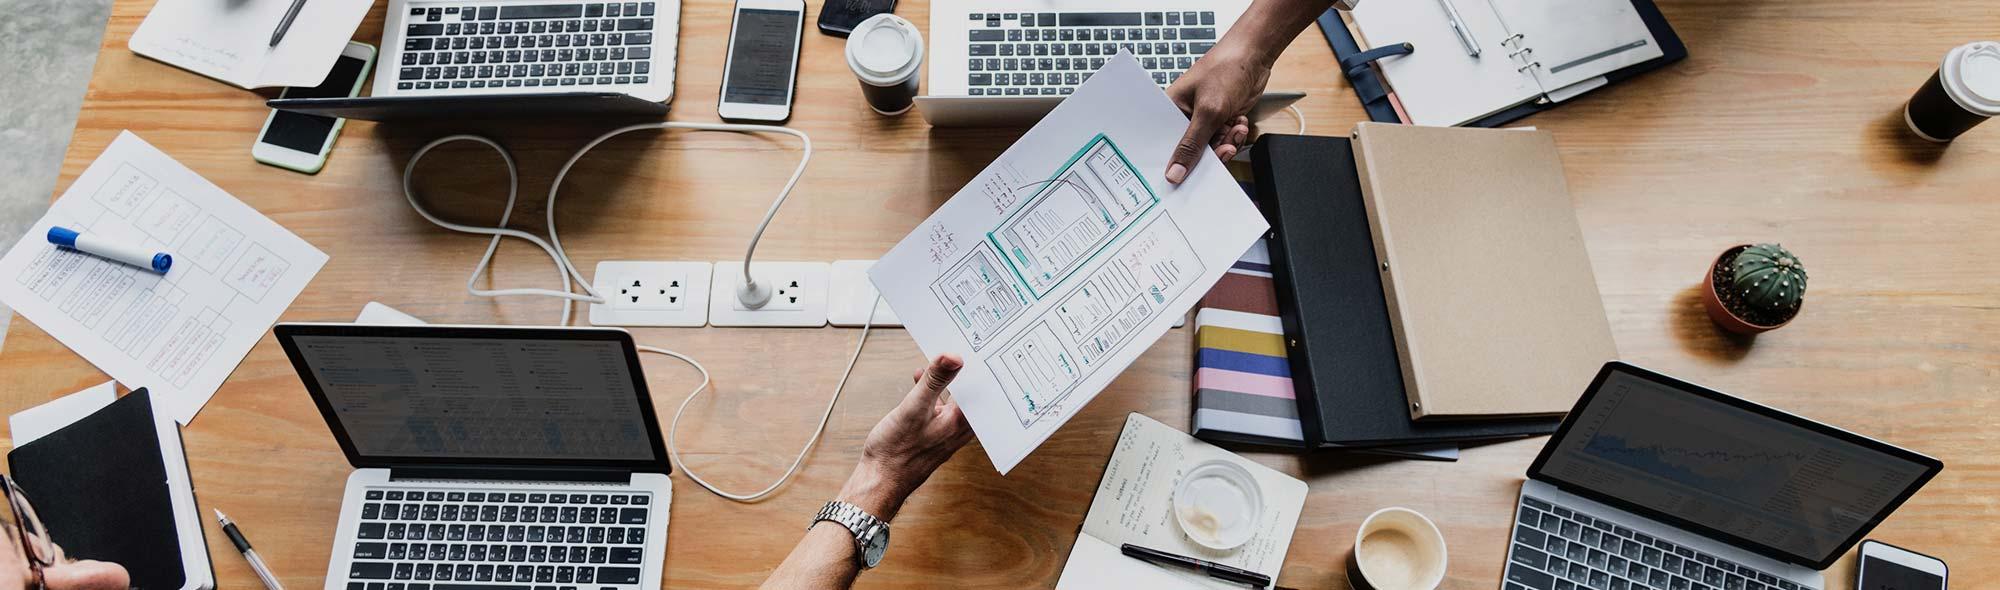 طراحی و بهینه سازی کینگ سایت